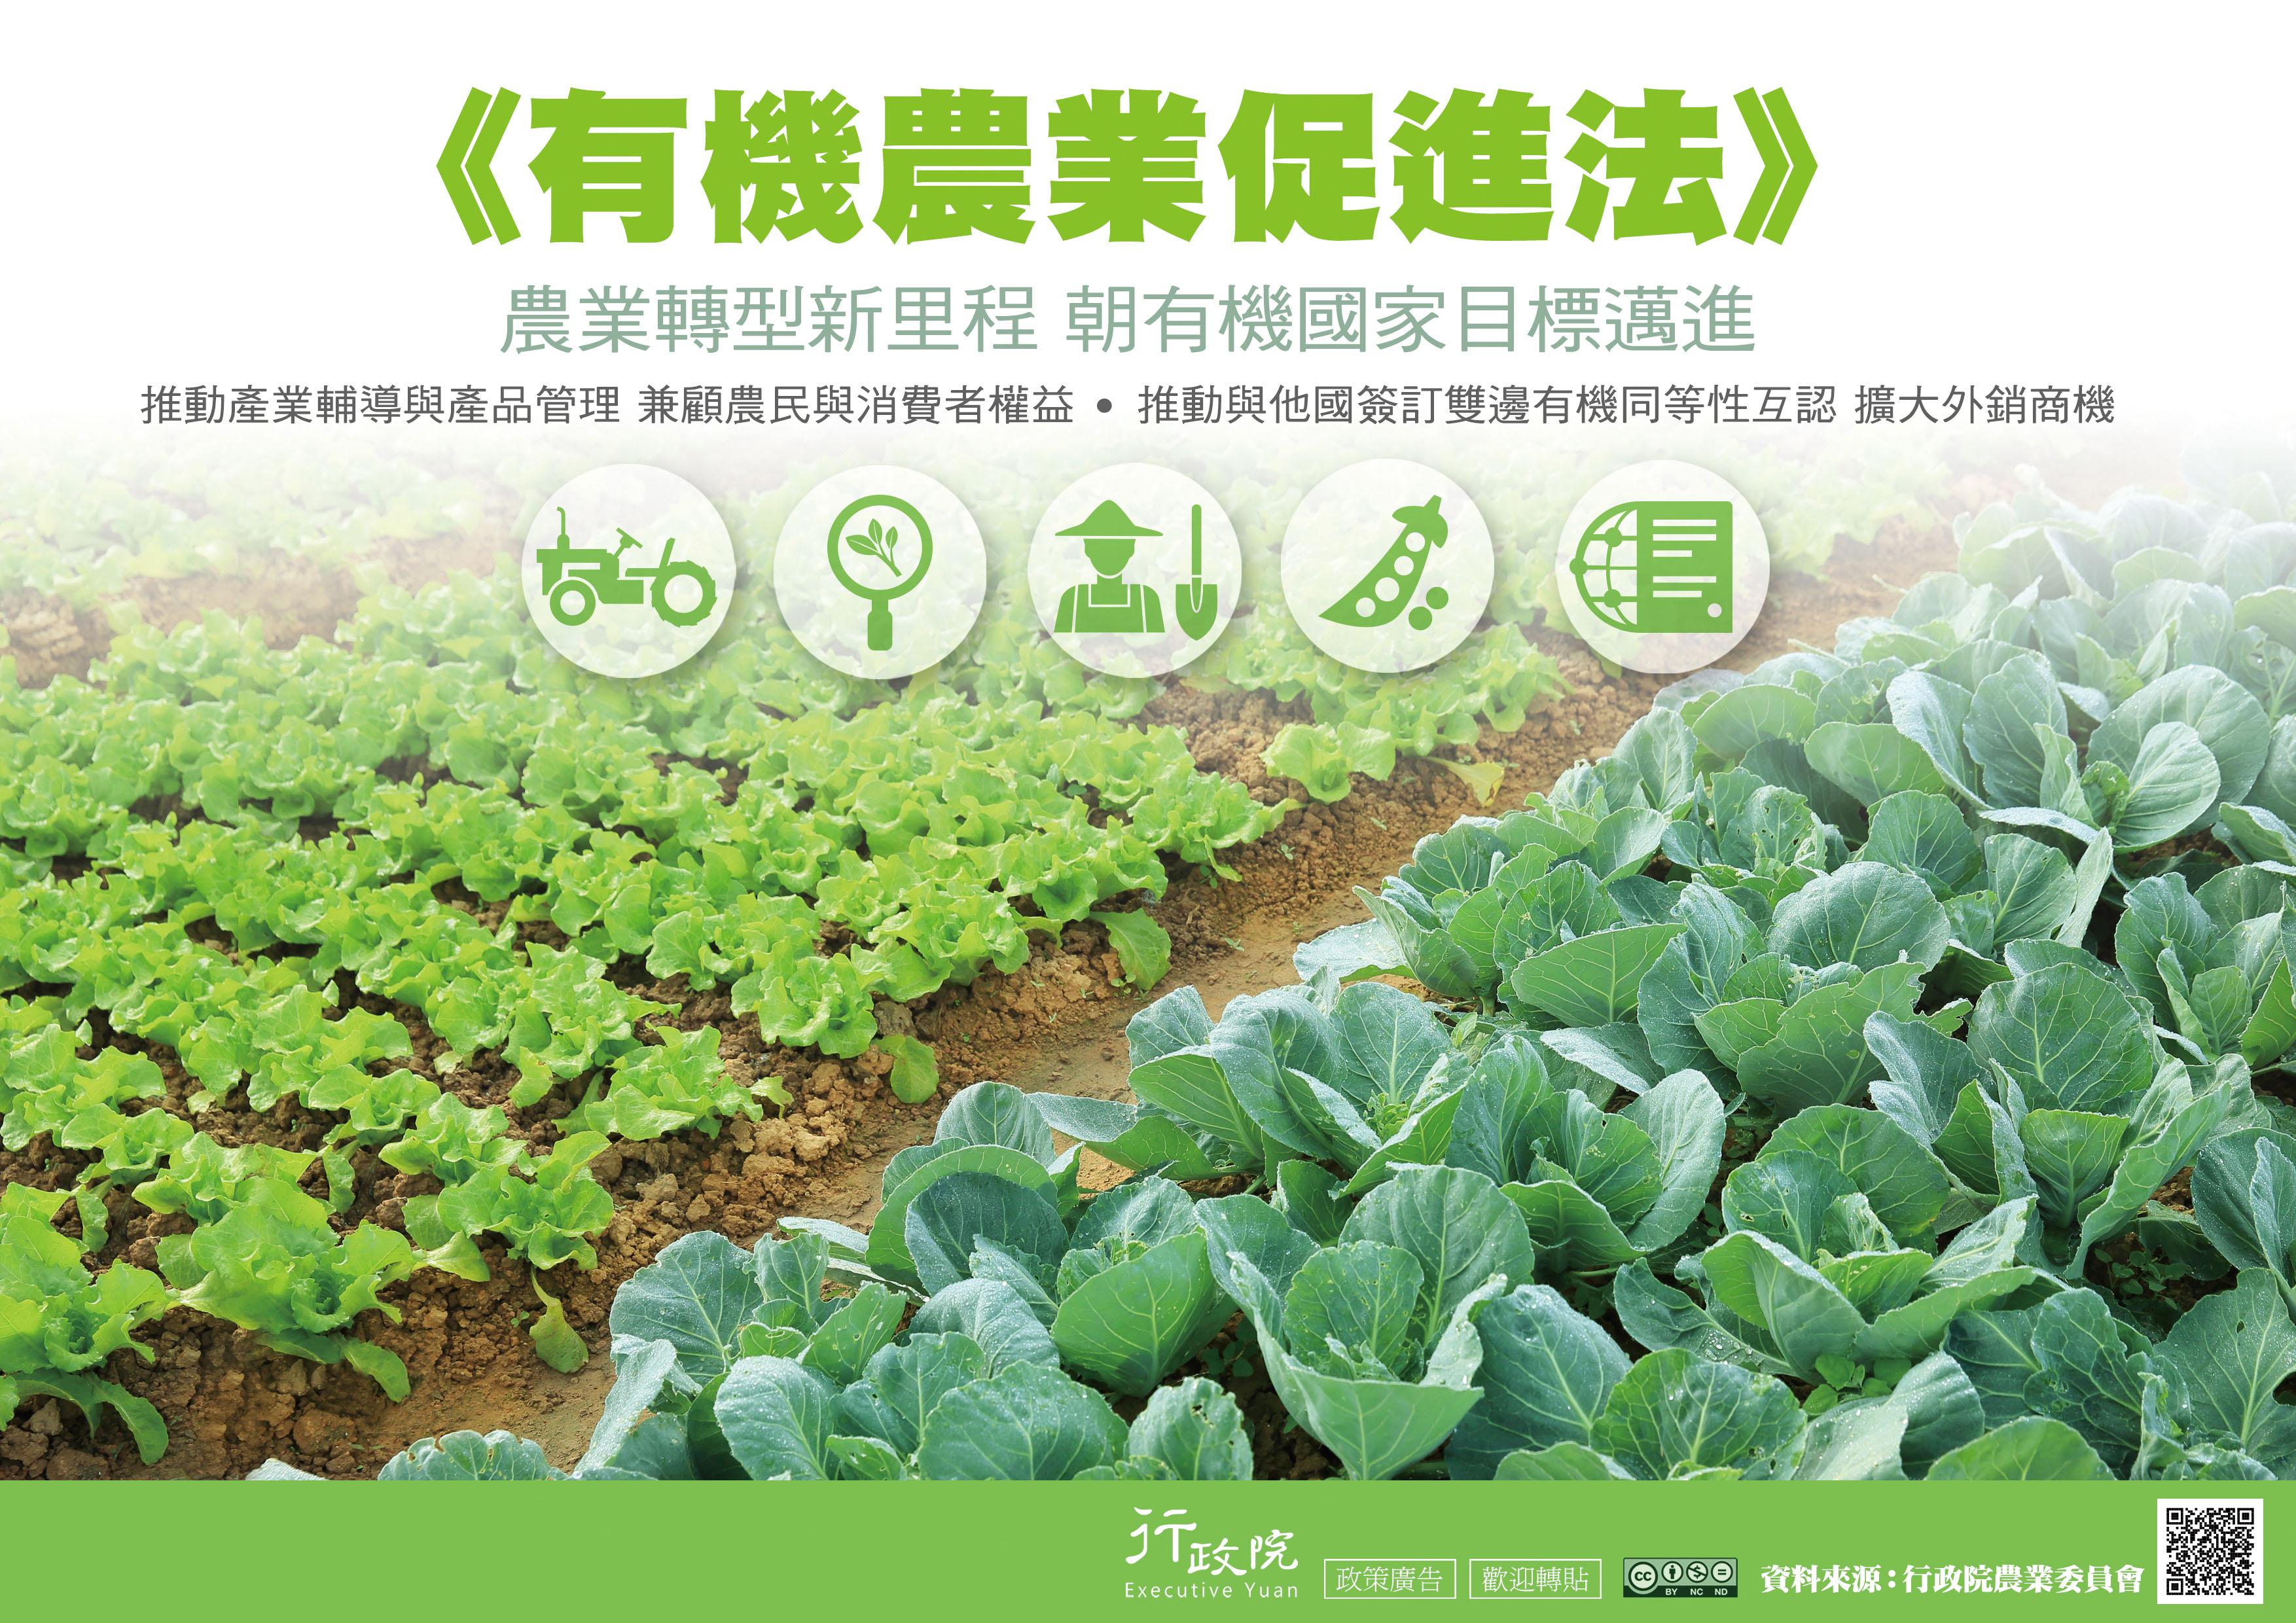 有機農業促進法.jpg